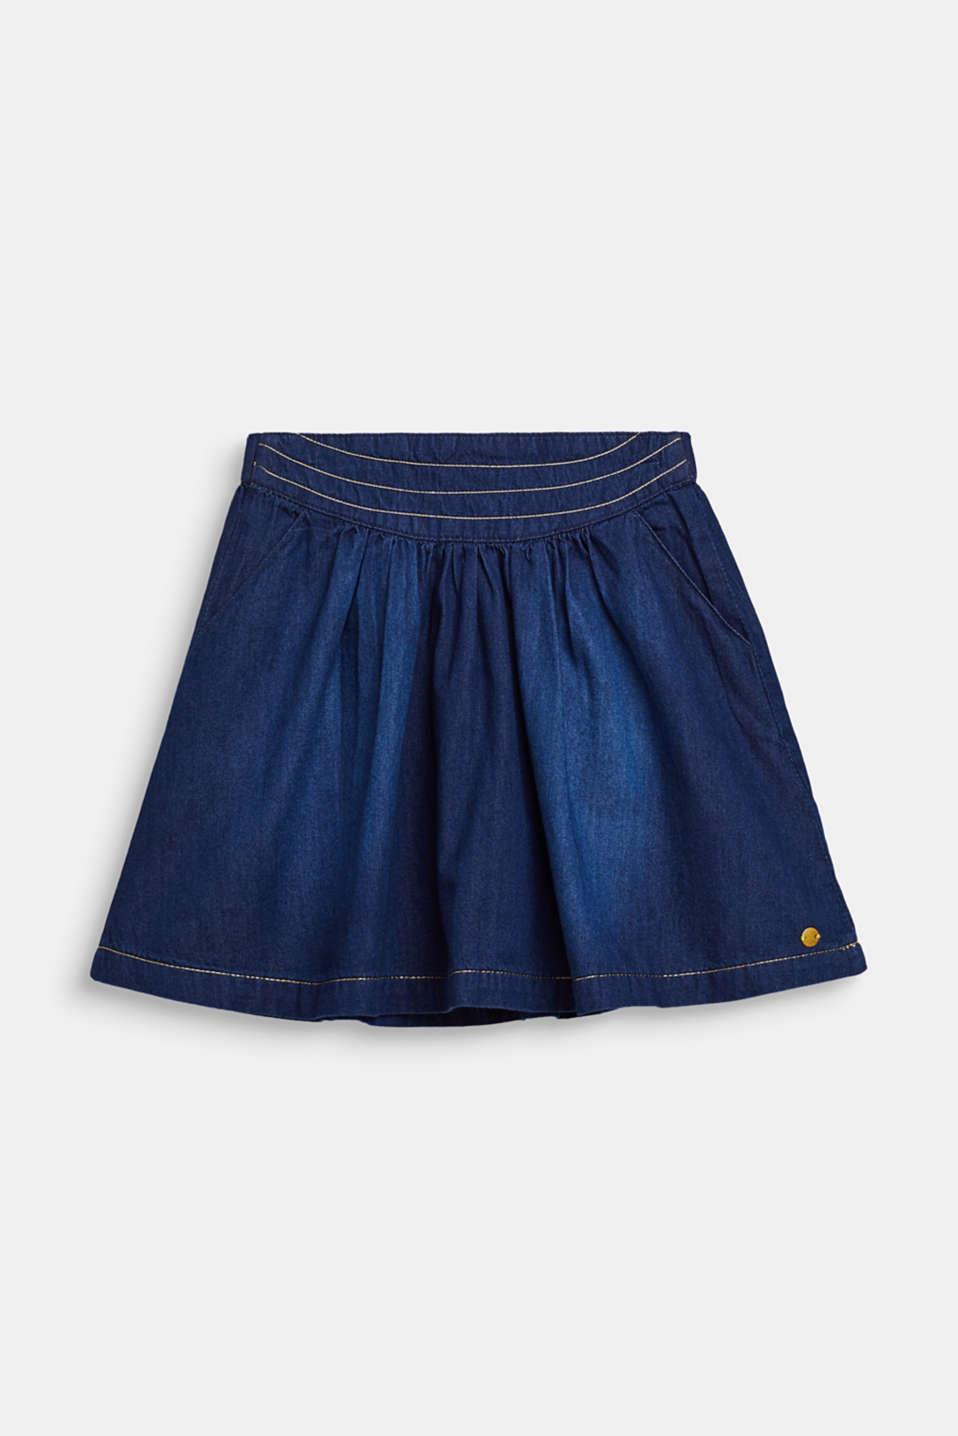 Denim skirt with glittering threads, DARK INDIGO DE, detail image number 0